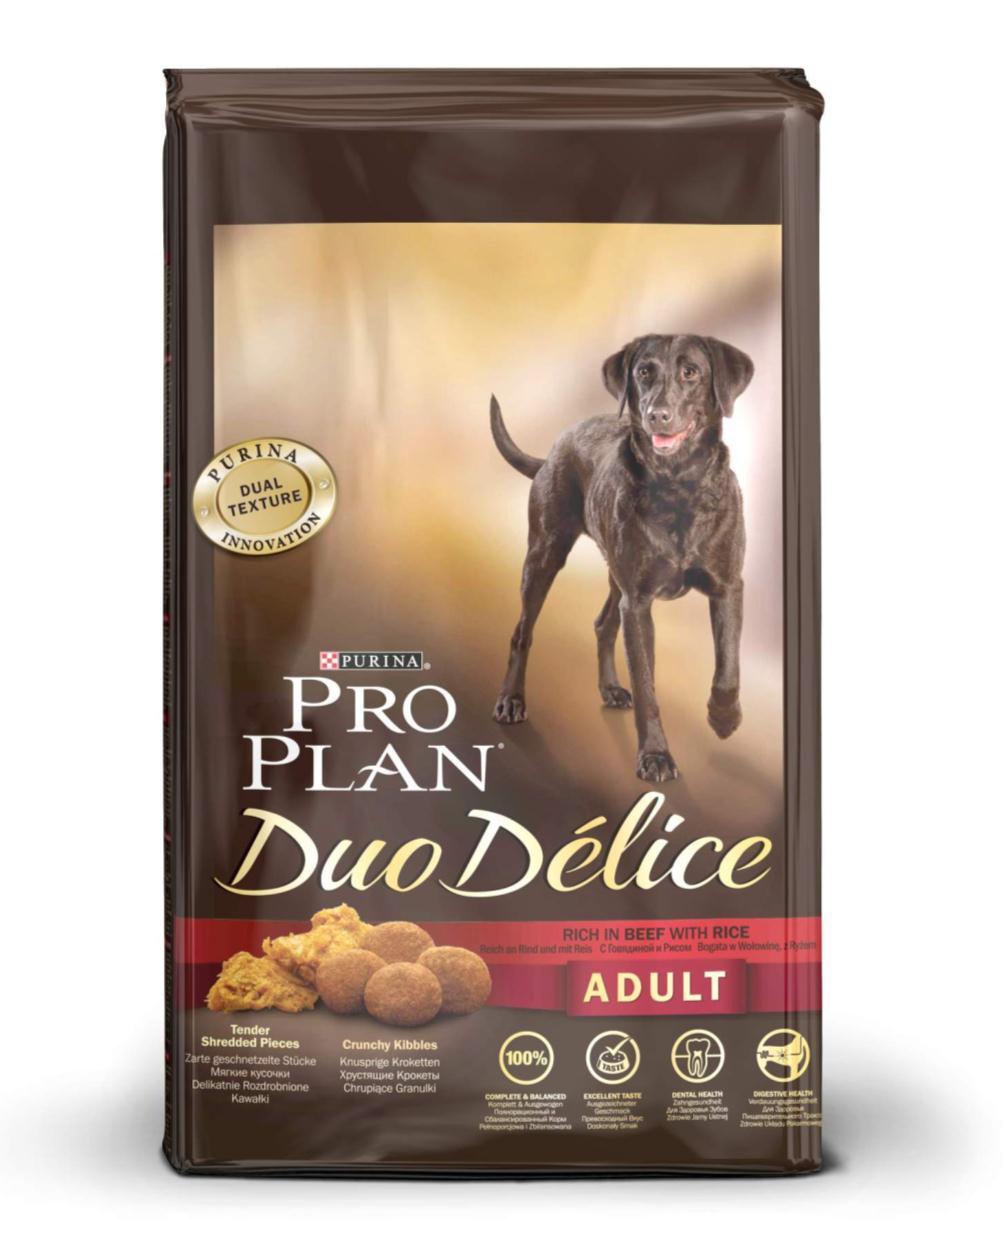 Корм сухой для собак Pro Plan Duo Delice, с говядиной и рисом, 10 кг delice de027ewucz39 delice